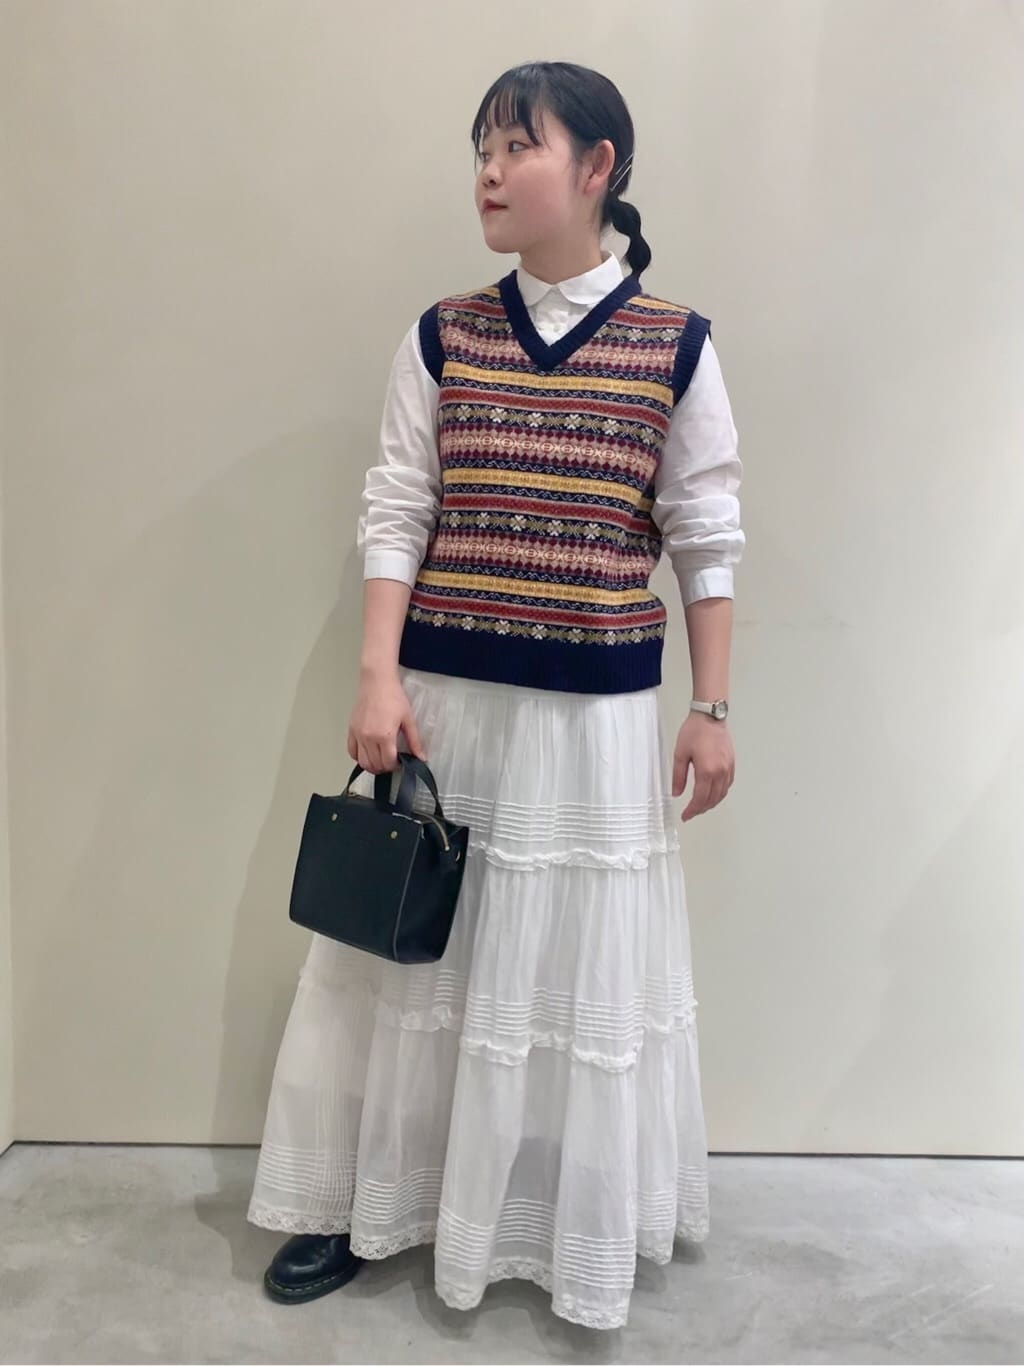 - CHILD WOMAN CHILD WOMAN , PAR ICI 新宿ミロード 身長:160cm 2021.10.13